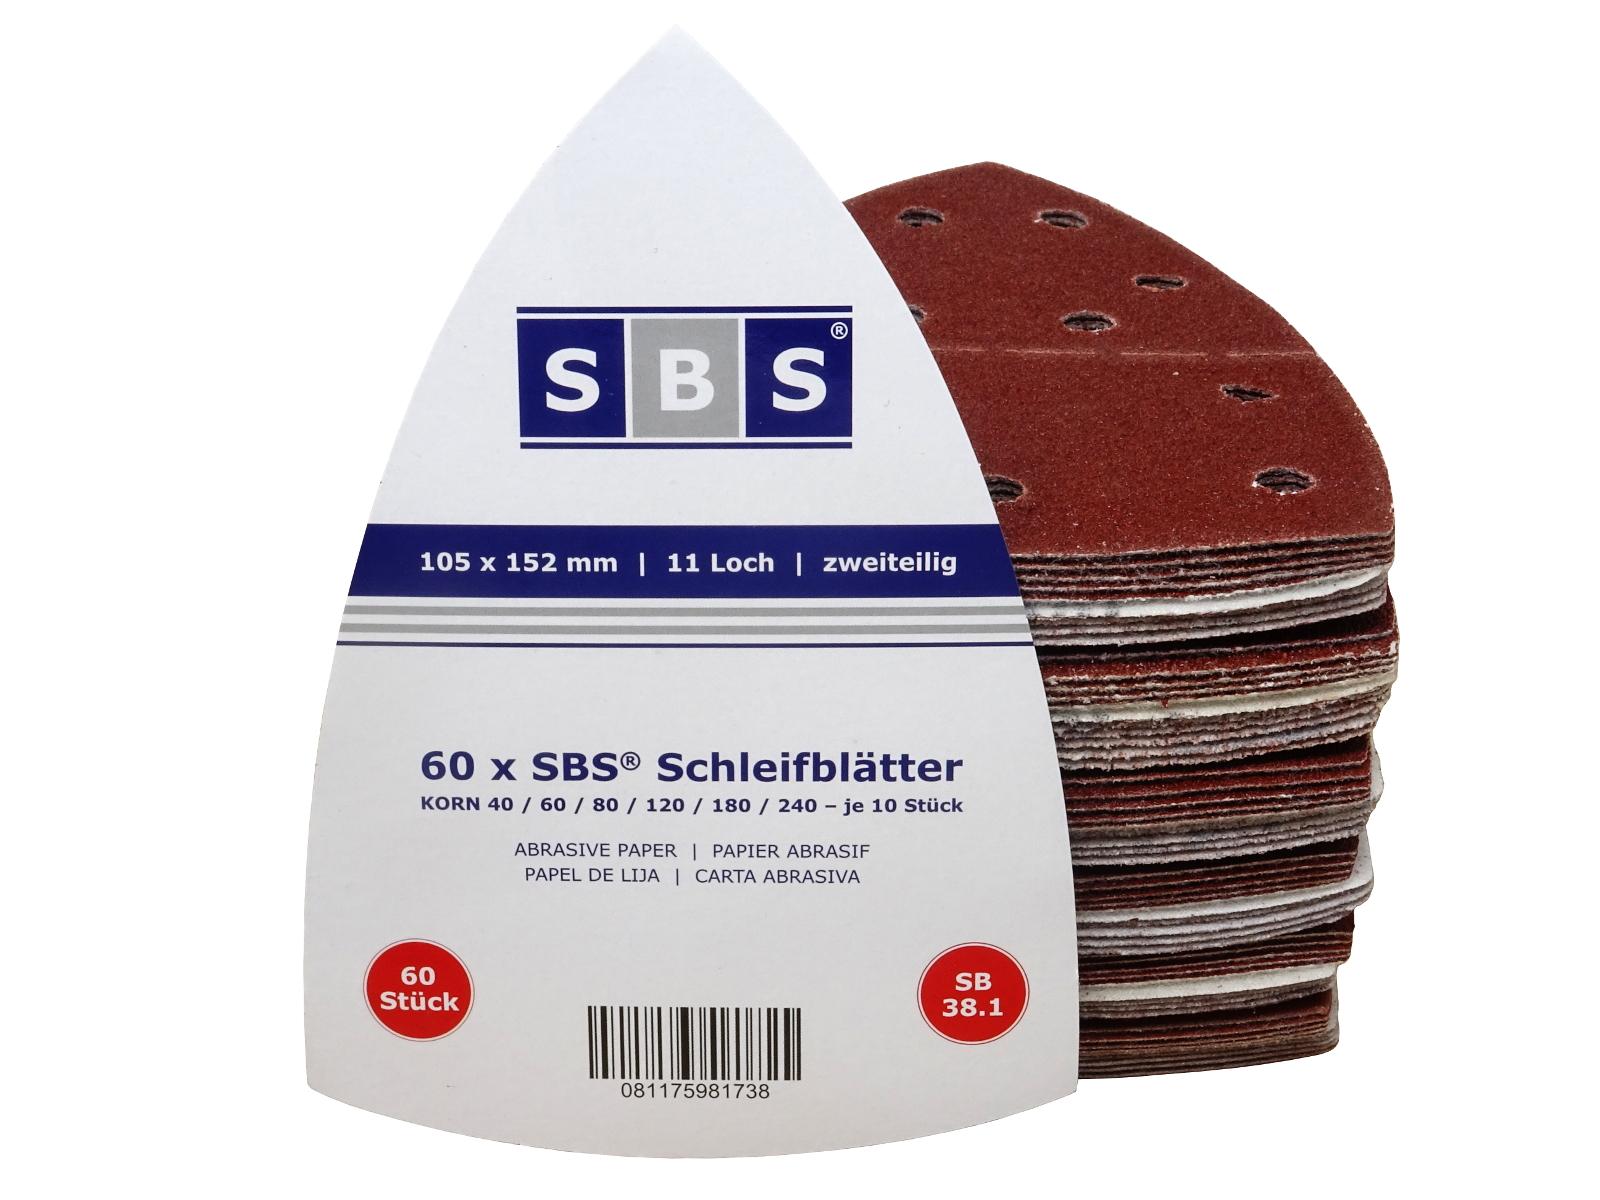 100 Blatt Prio Schleifpapier 105 x 152 mm Korn 40 Schleifscheiben Klett Haft